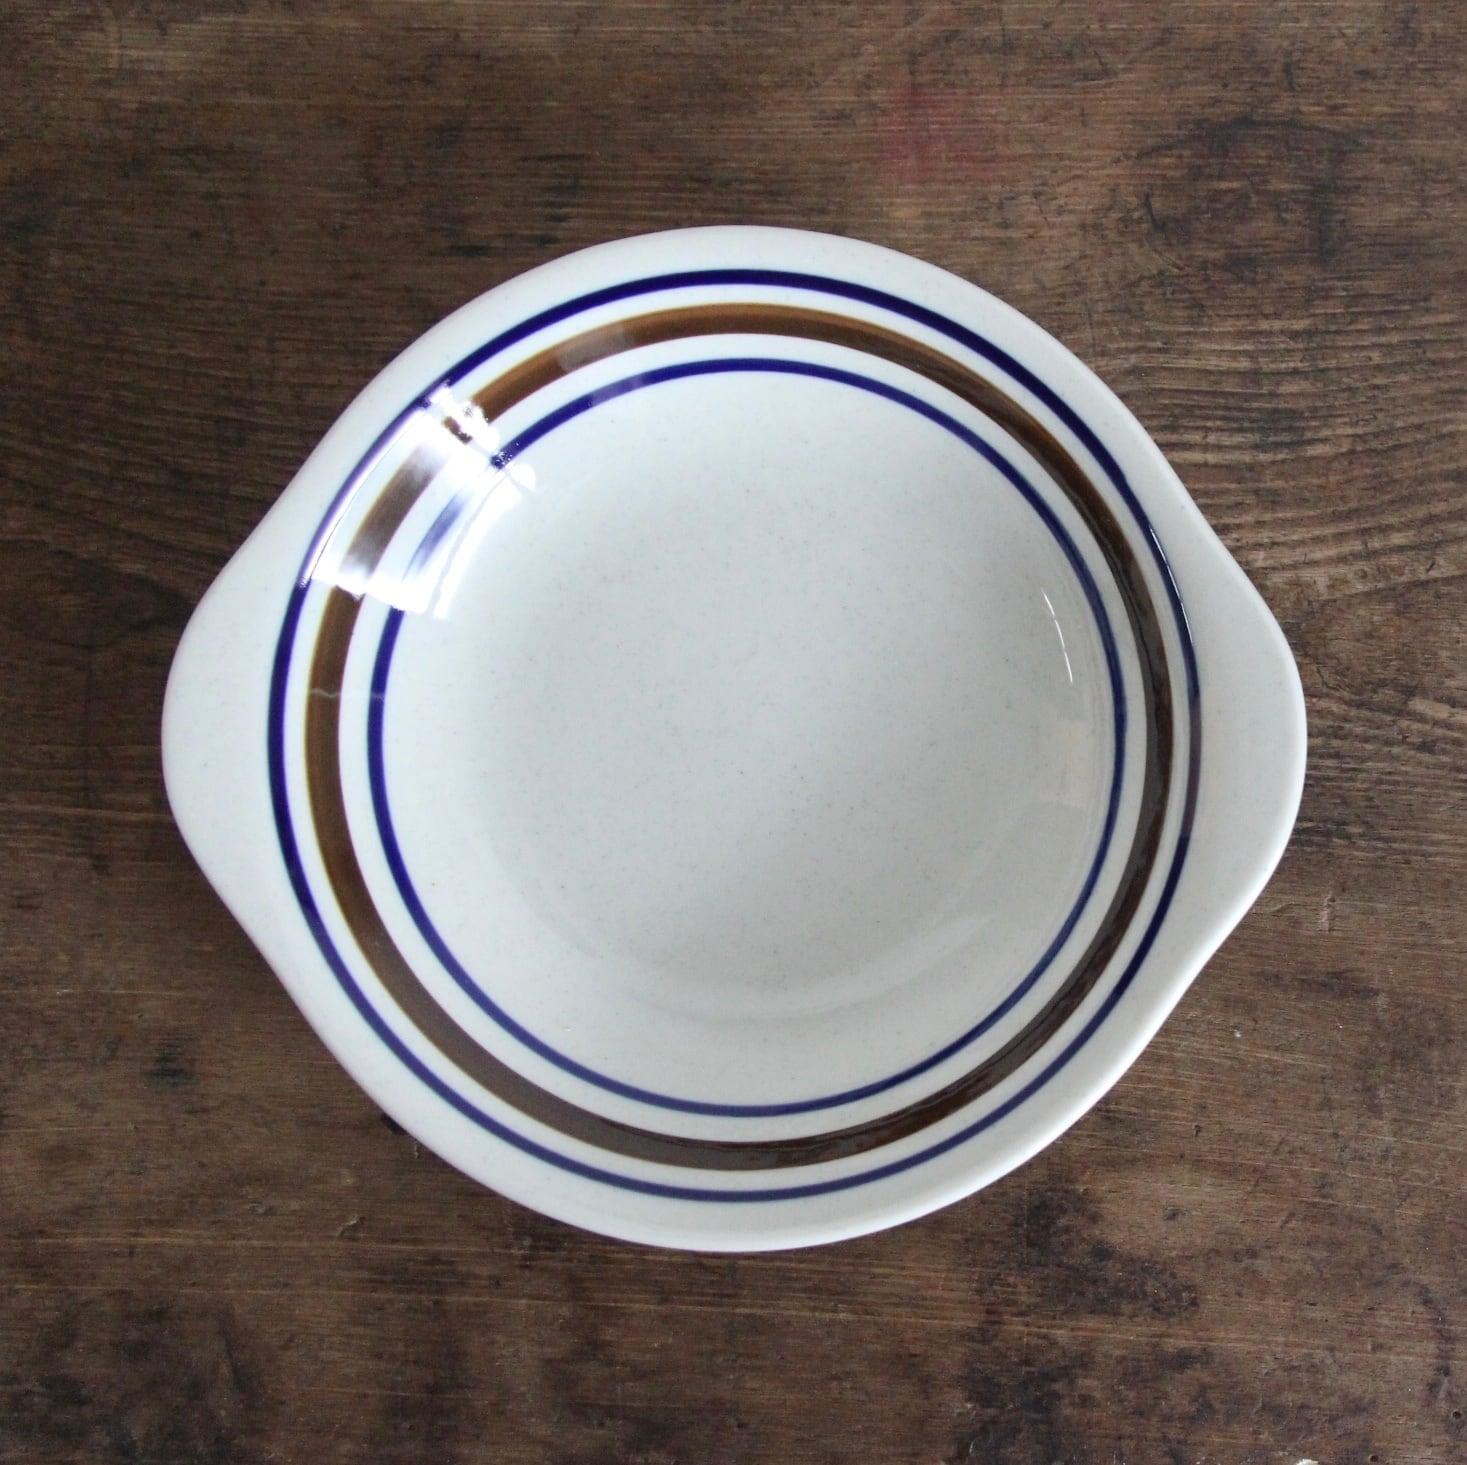 marumi ストライプ スープ皿 在庫1枚